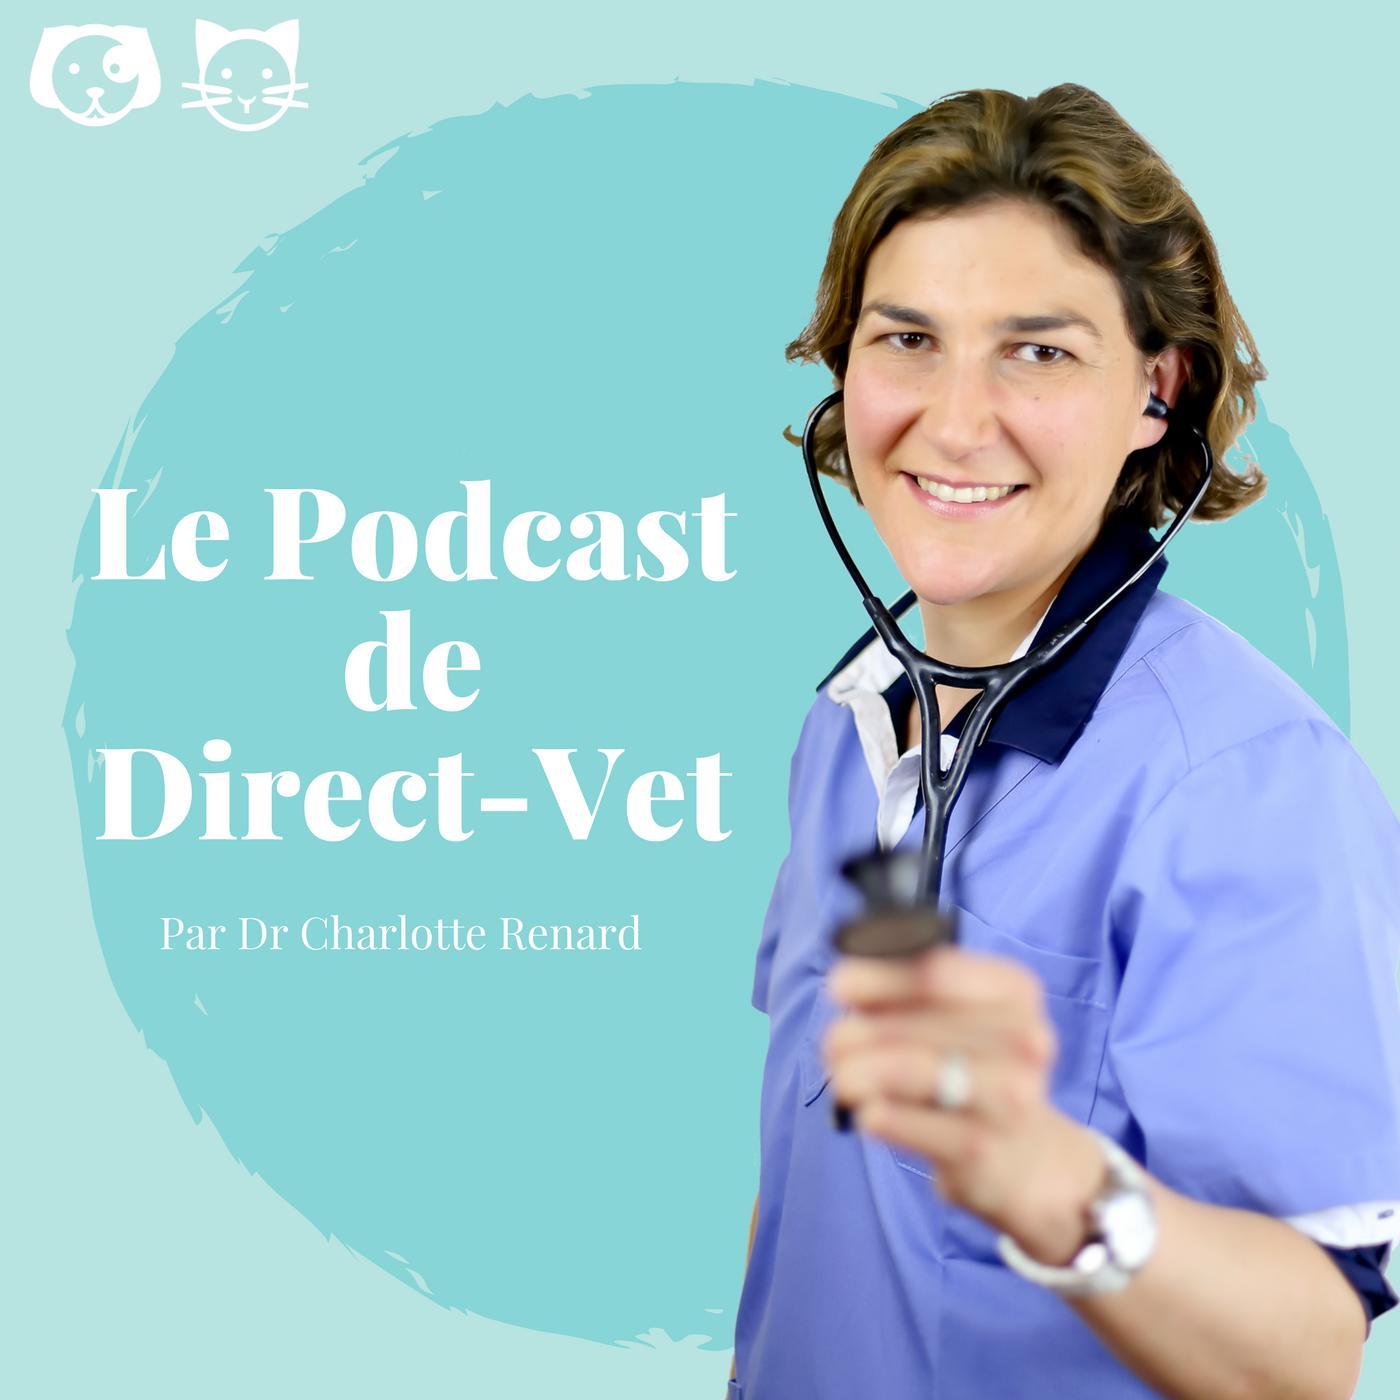 Le podcast vétérinaire de Direct-Vet